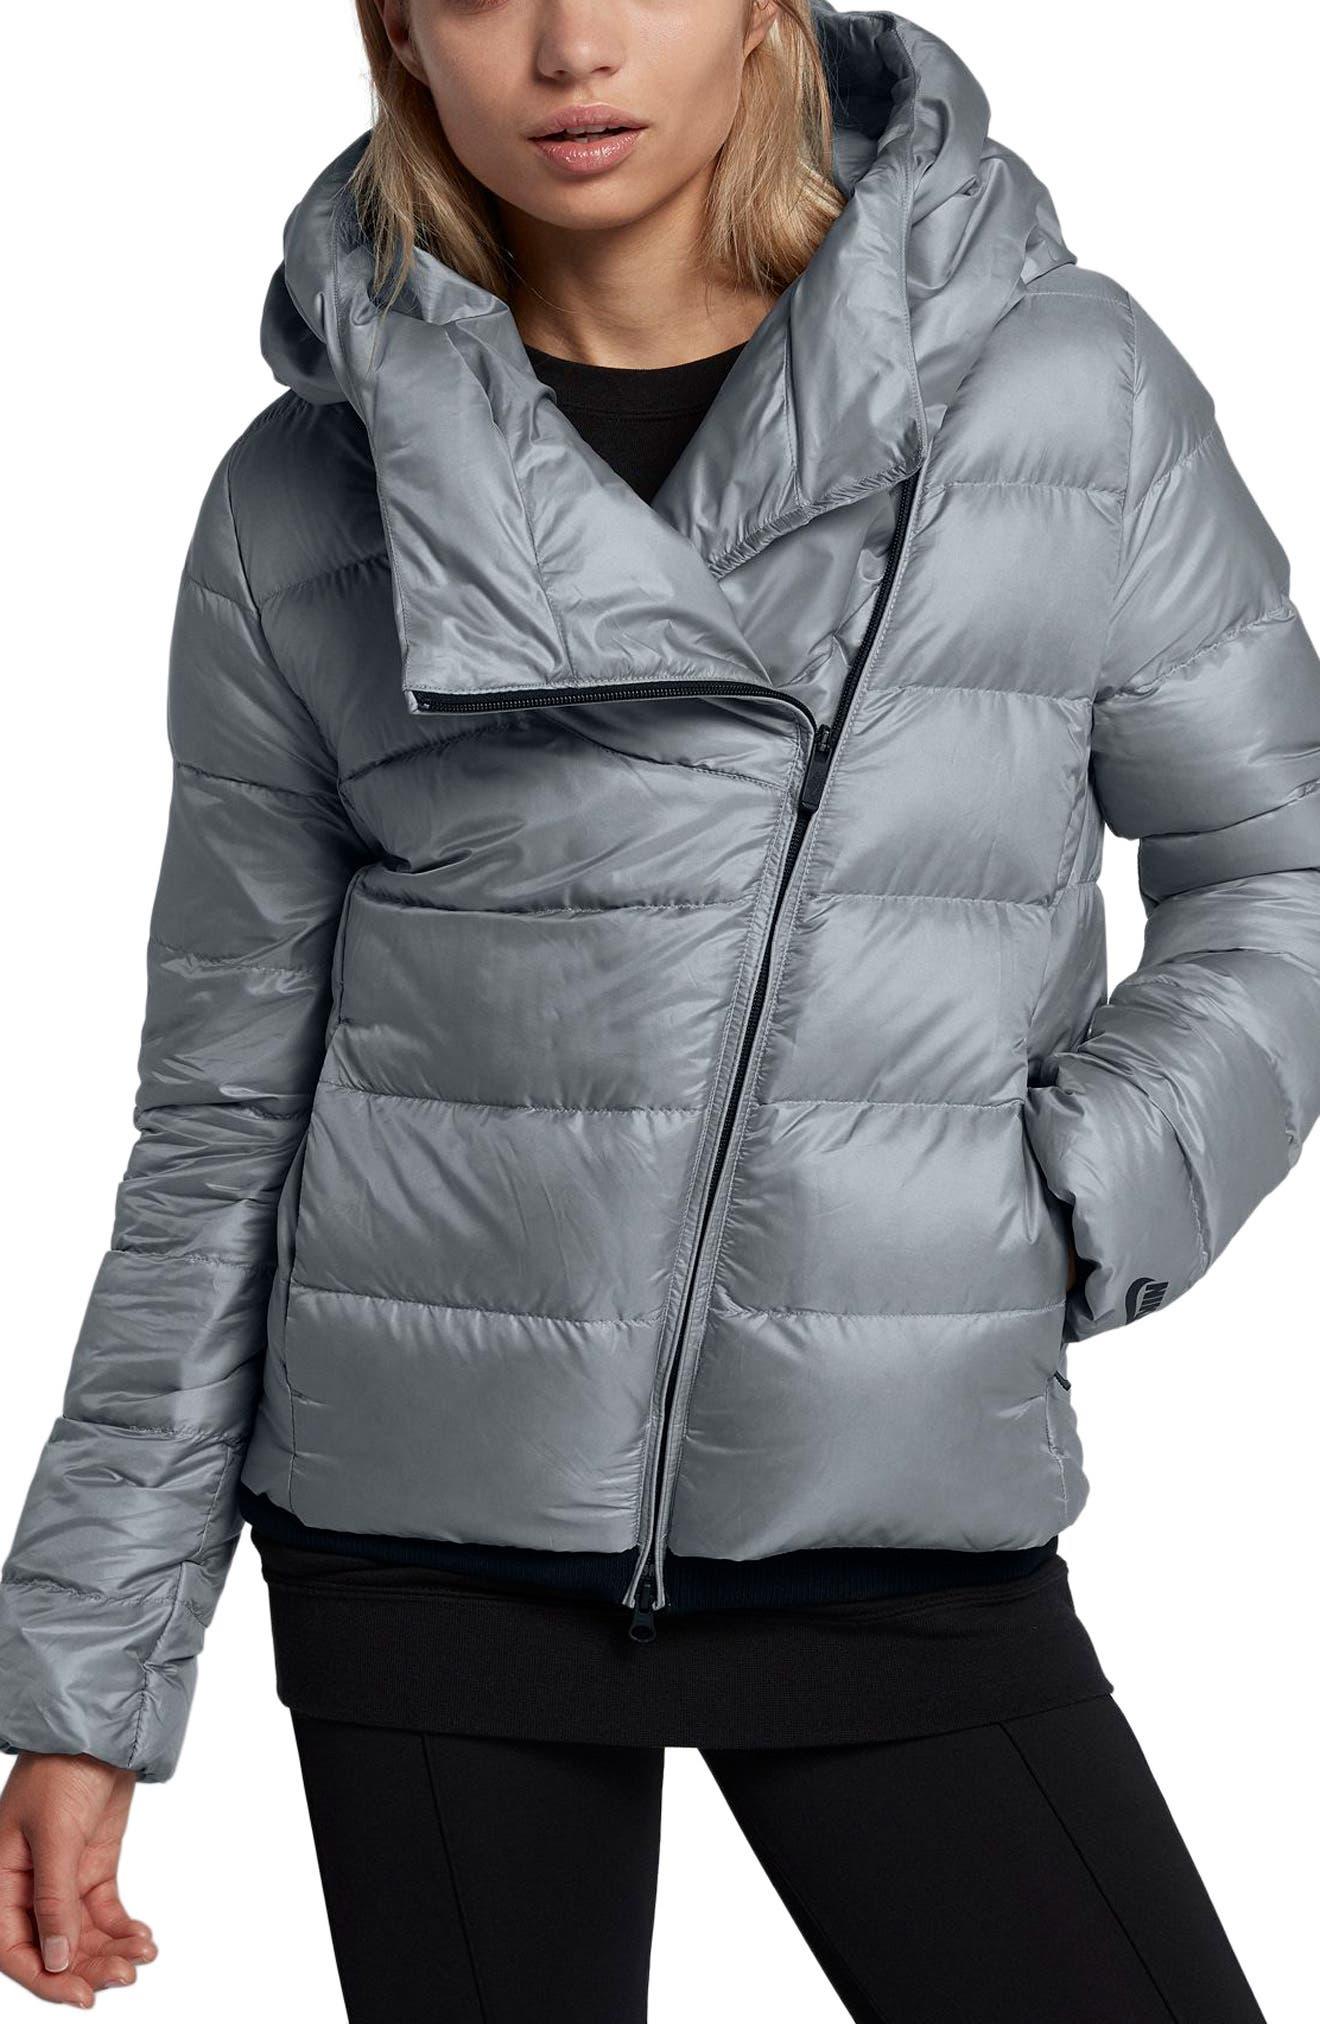 Alternate Image 1 Selected - Nike Sportswear Women's Hooded Down Jacket